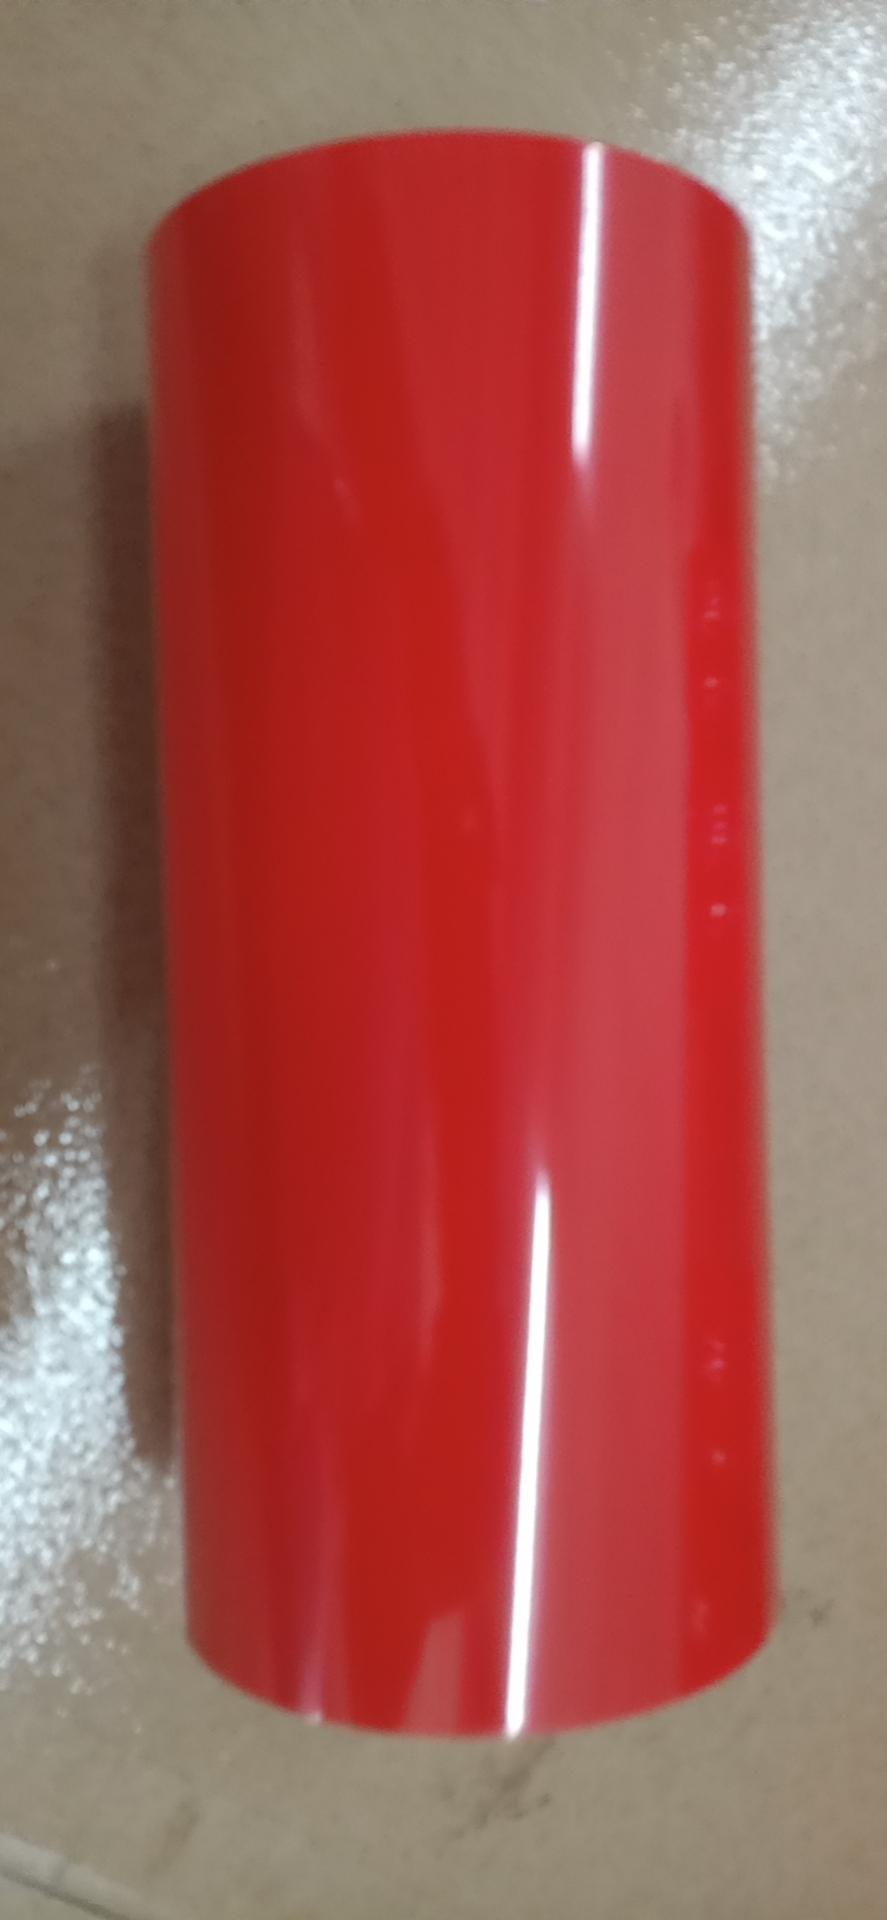 红色车牌专用烫金纸烫塑料红色烫金膜红色烫印箔现货供应